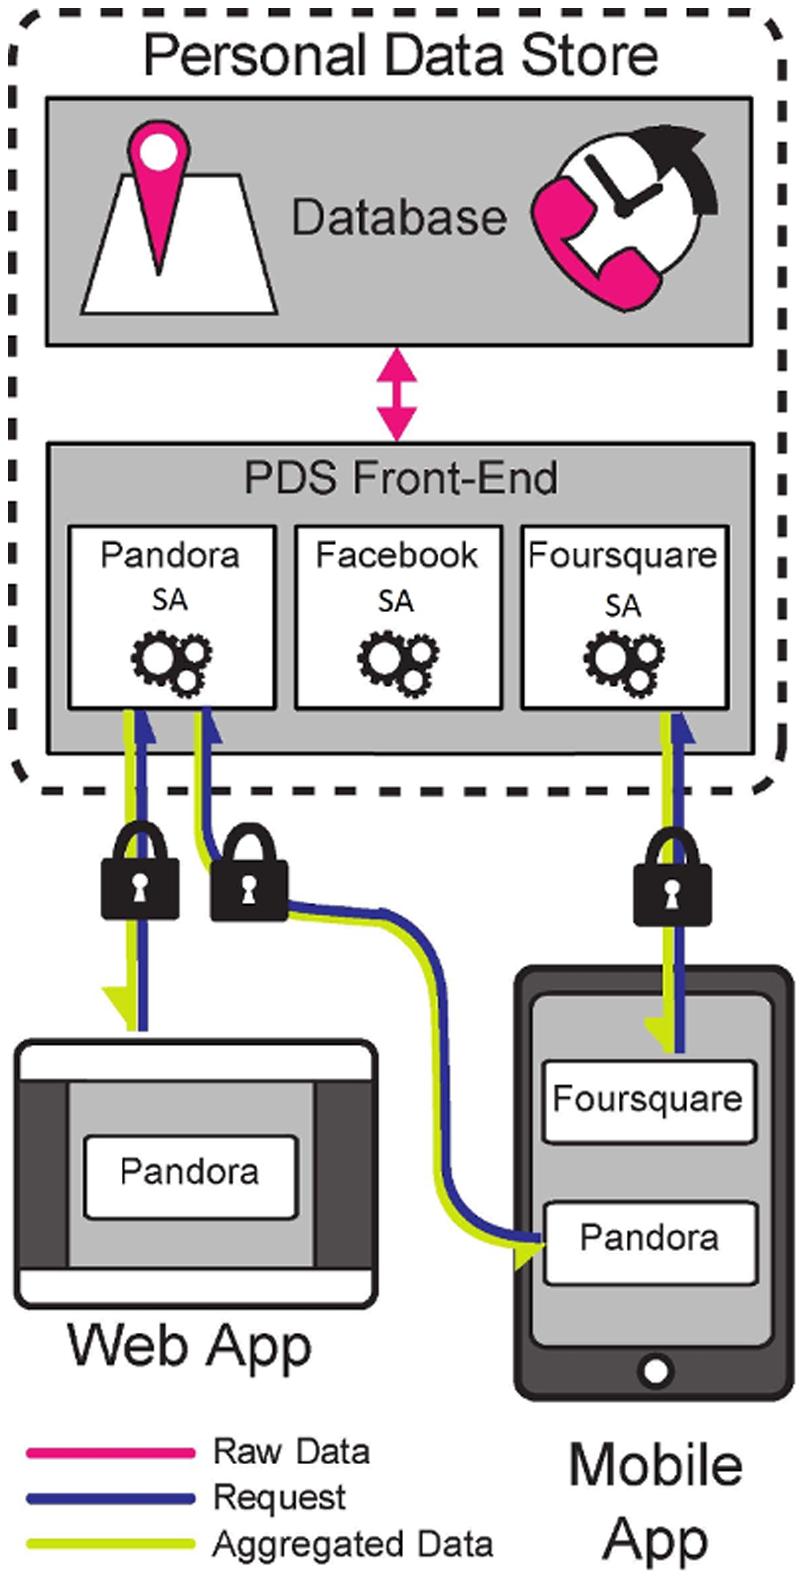 L'architettura del sistema openPDS - CC BY 4.0